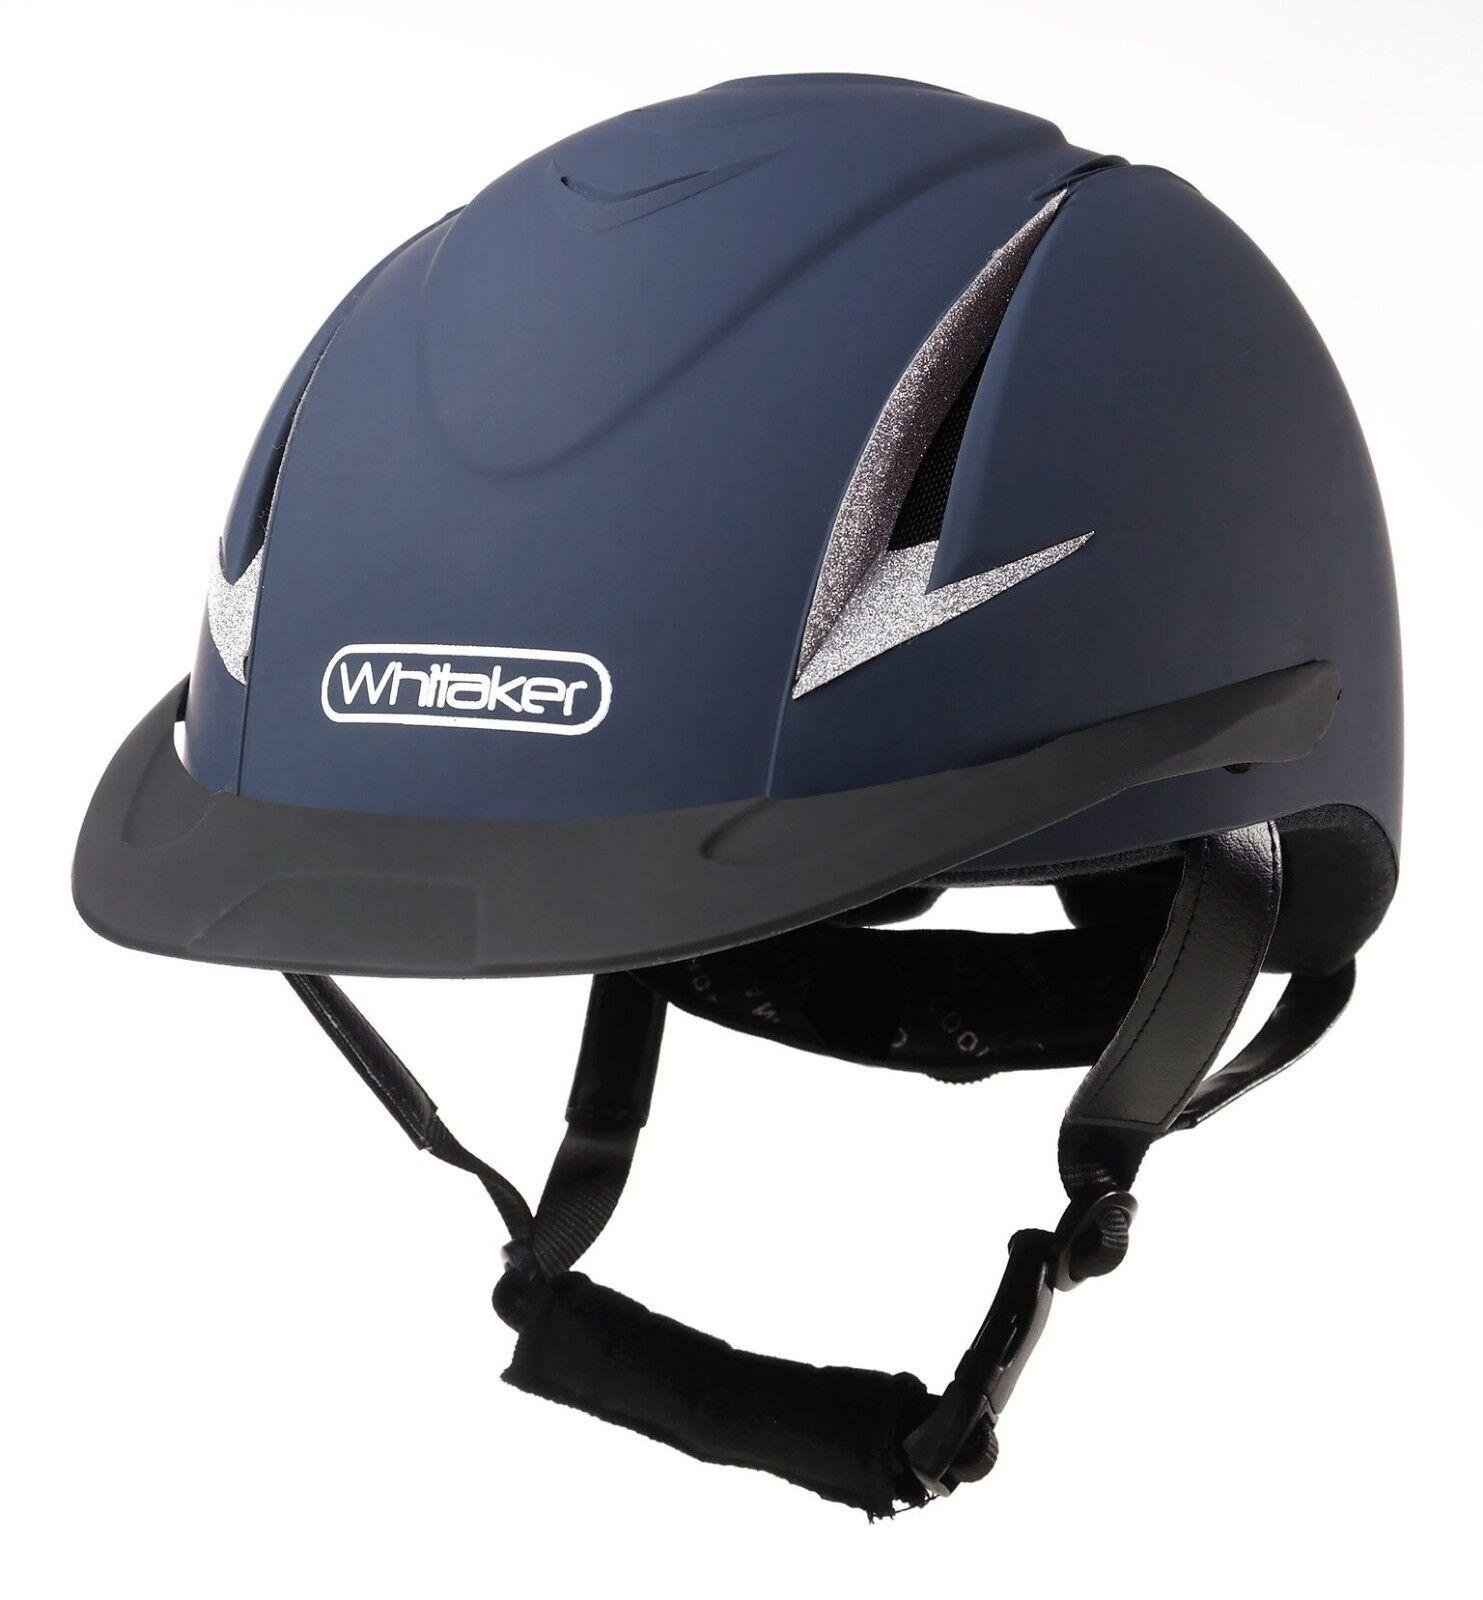 Johnwhitaker NRG Rider Generation Corsa Casco  Cappello  da Gara Approvato